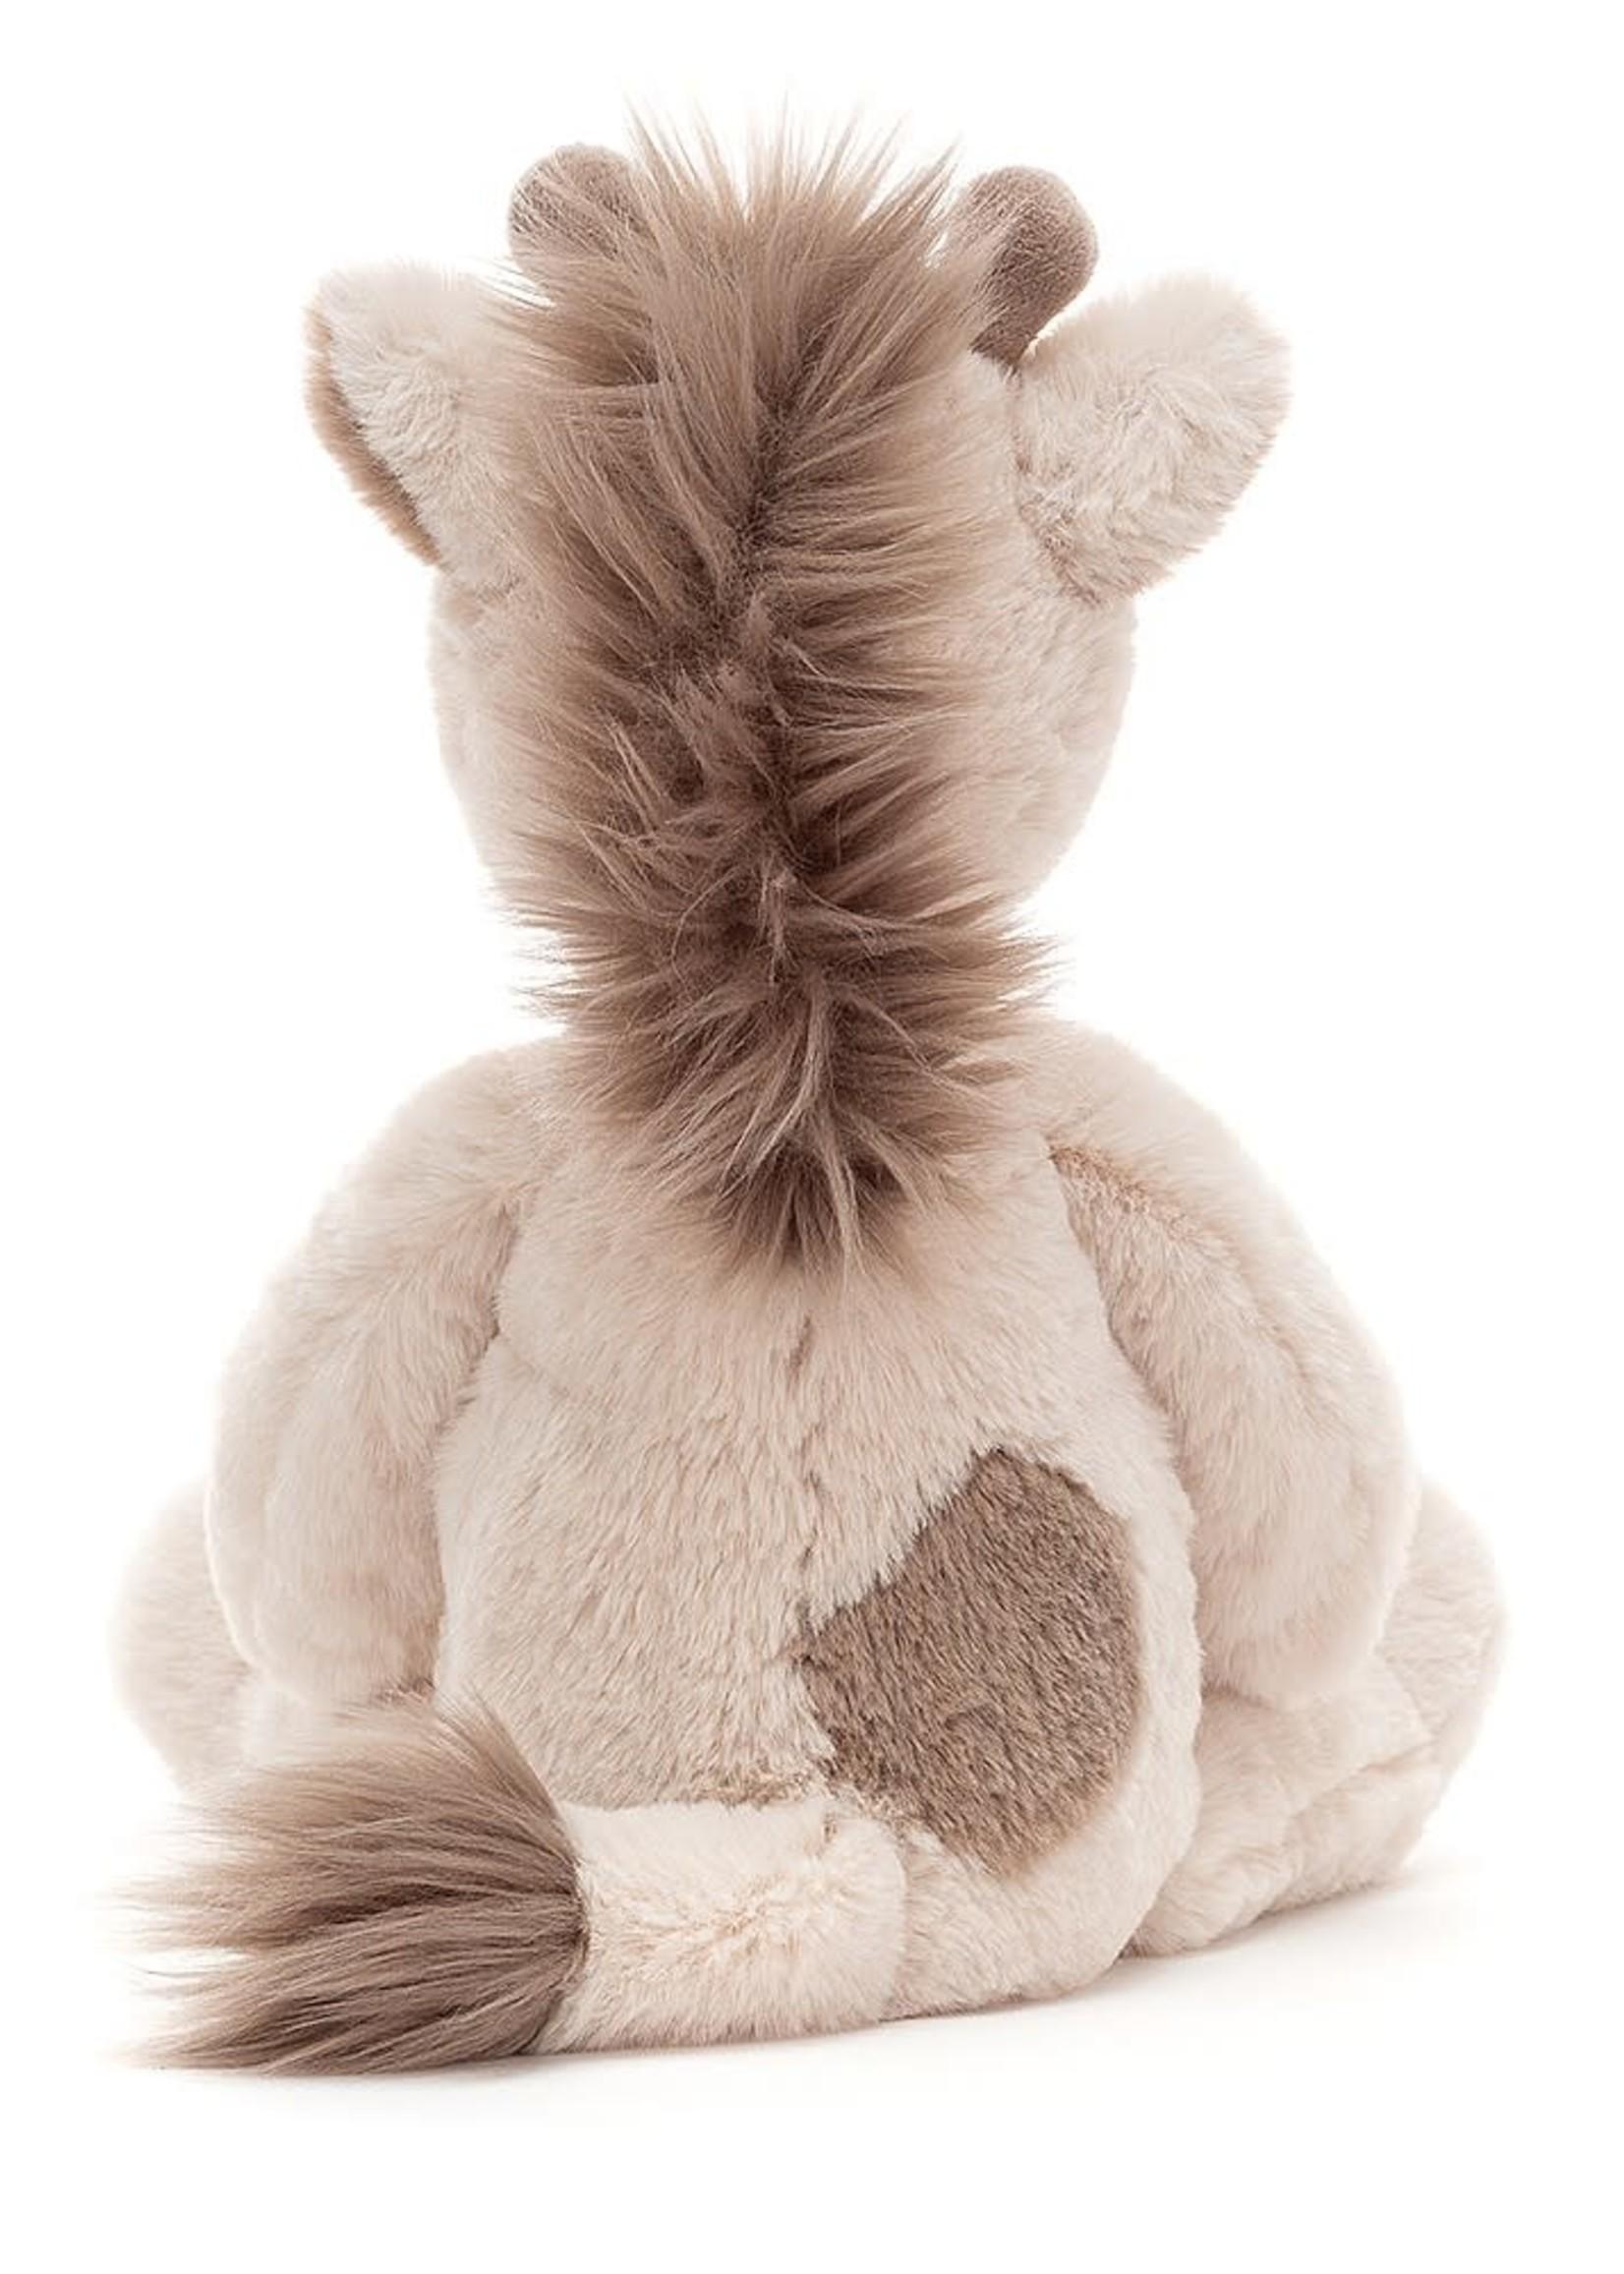 Jellycat Snugglet Billie Giraffe Medium